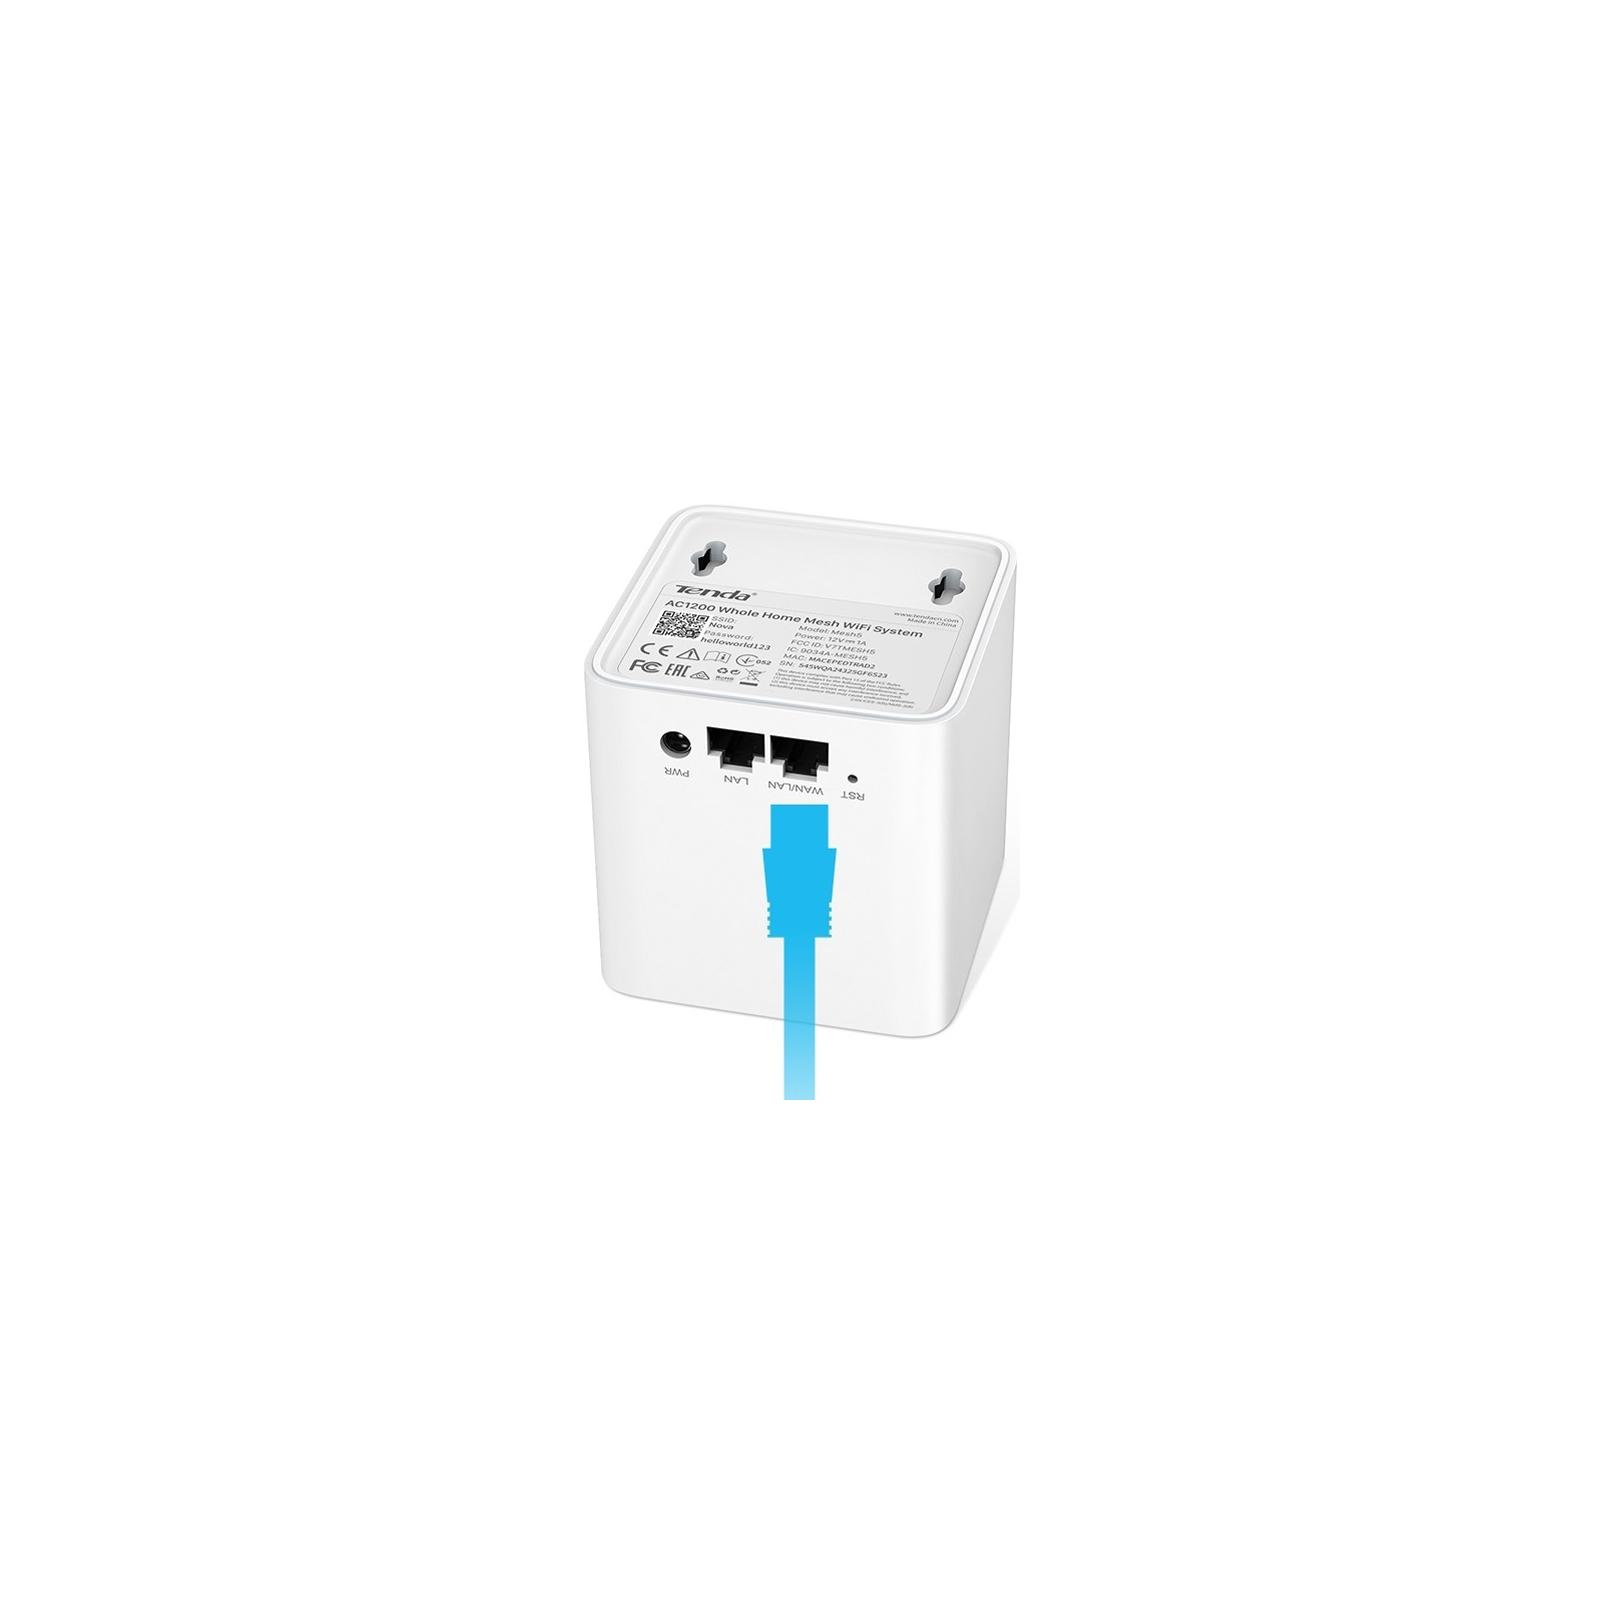 Точка доступа Wi-Fi Tenda MW5S-KIT-2 изображение 4